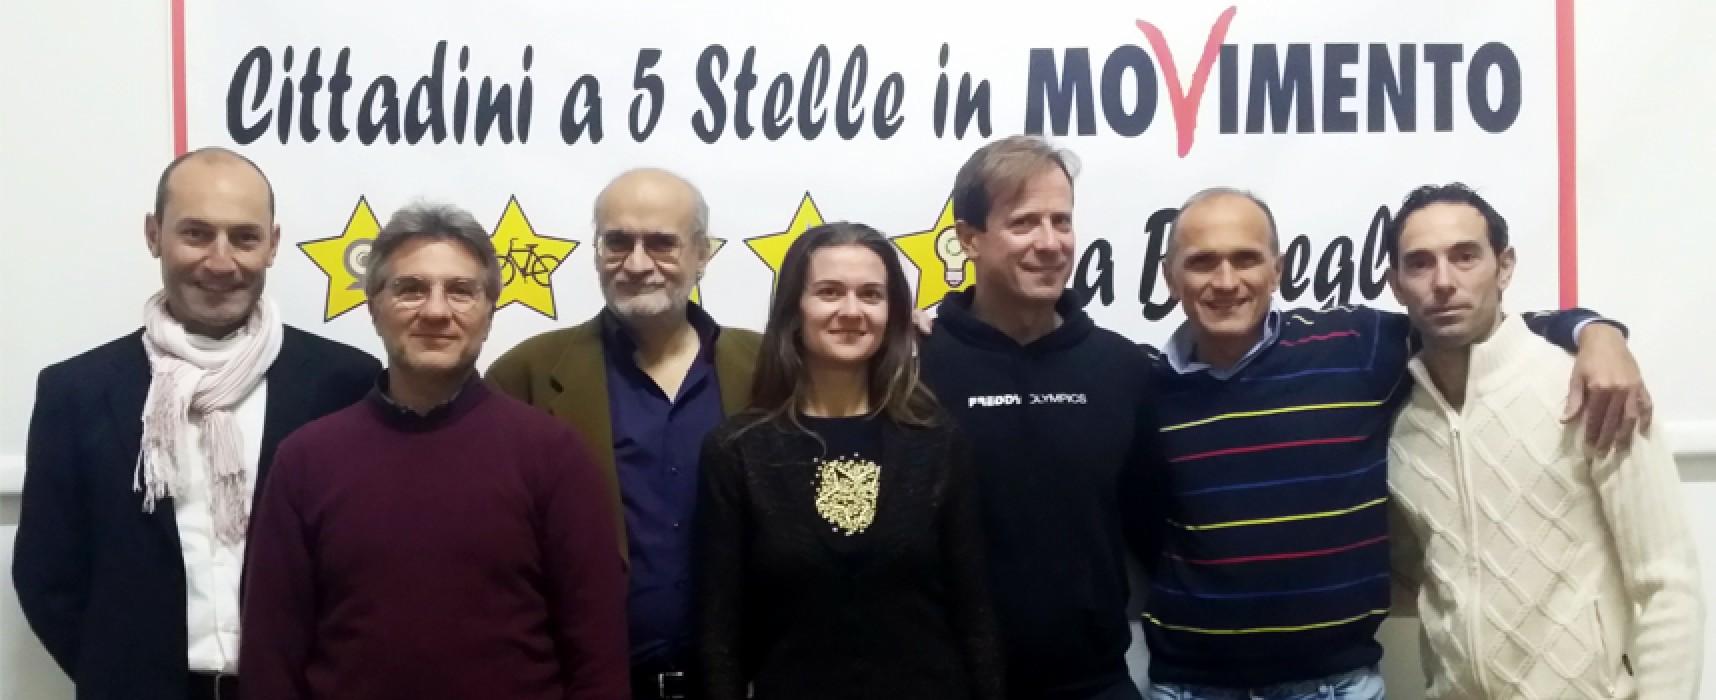 """Cittadini a 5 stelle in movimento a consiglieri: """"Se Spina decade voi dimettetevi"""""""